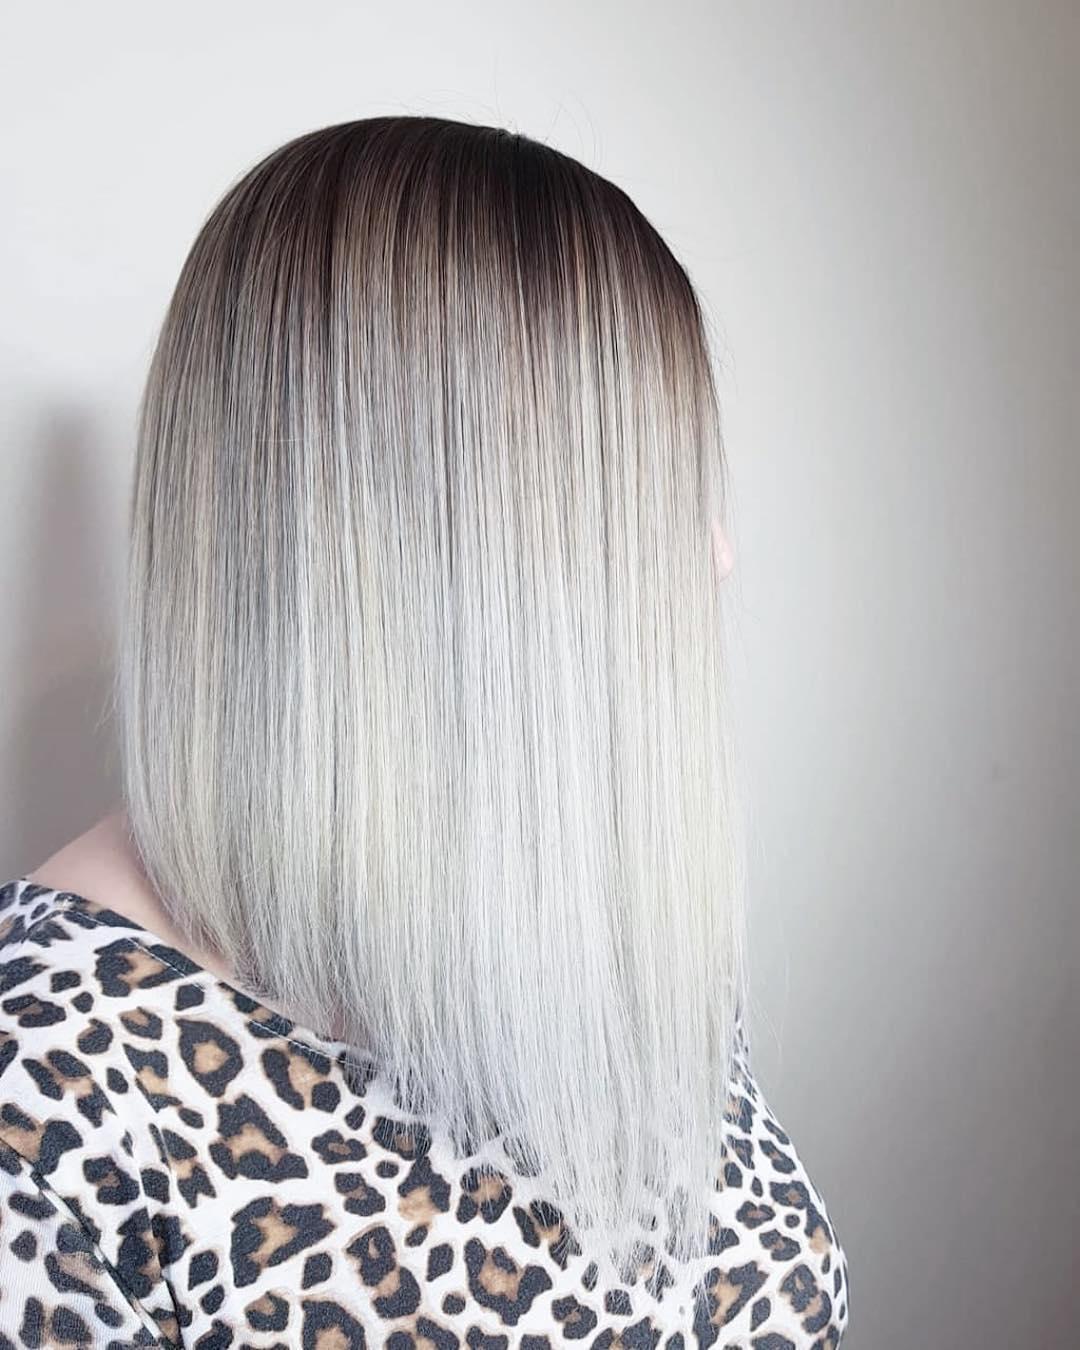 tendințele anului 2019 în materie de hairstyling (9)